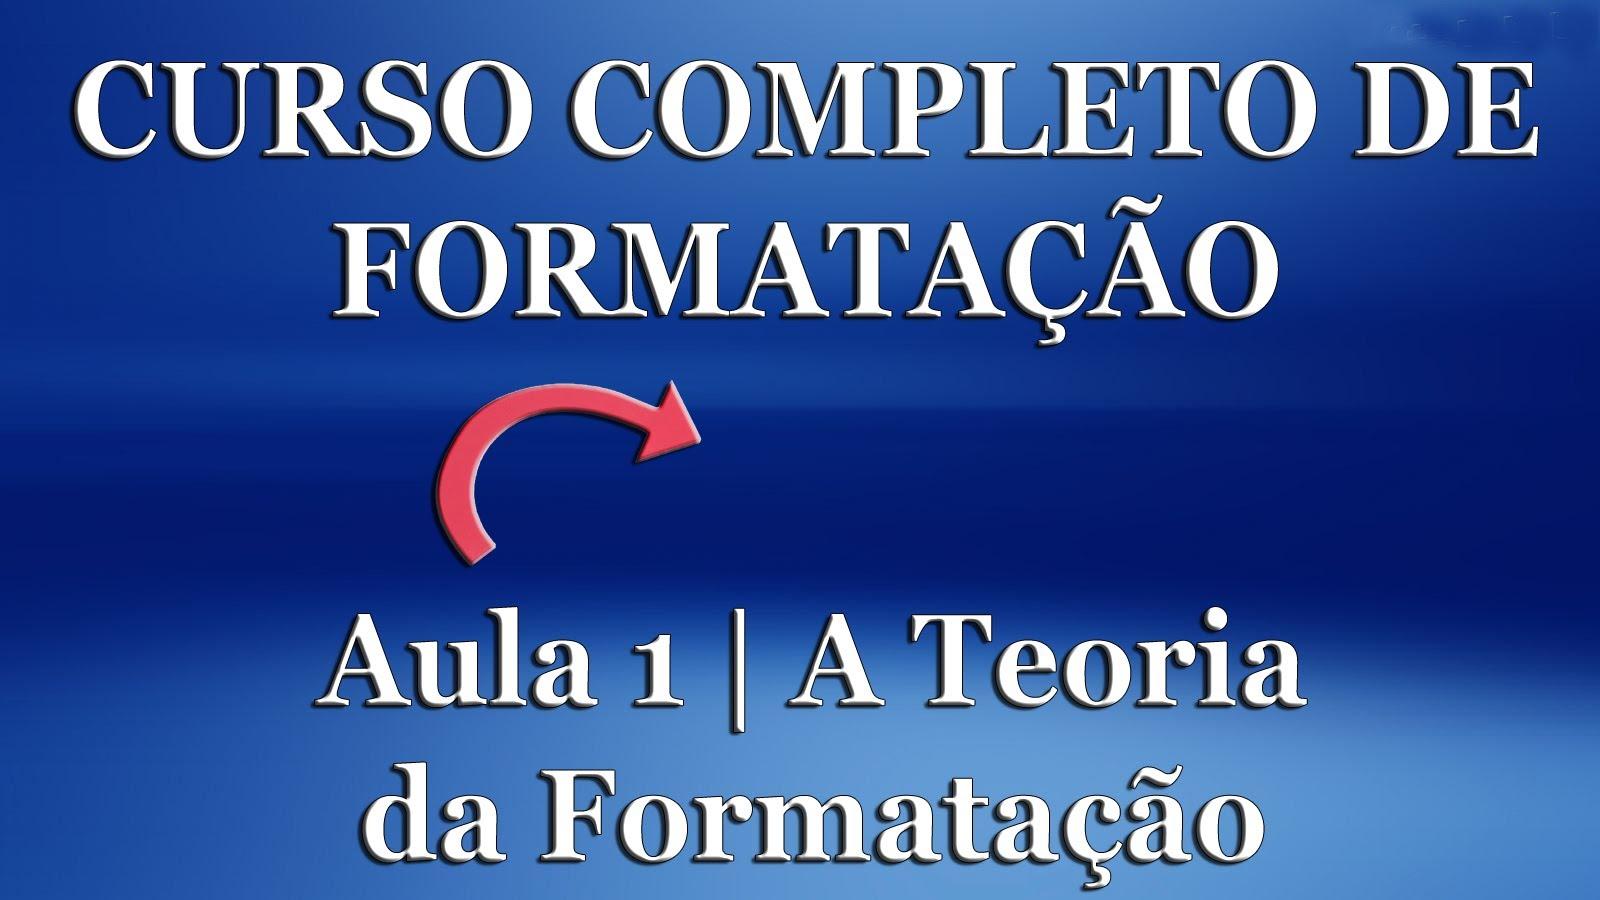 curso-completo-de-formatacao-gratis-online